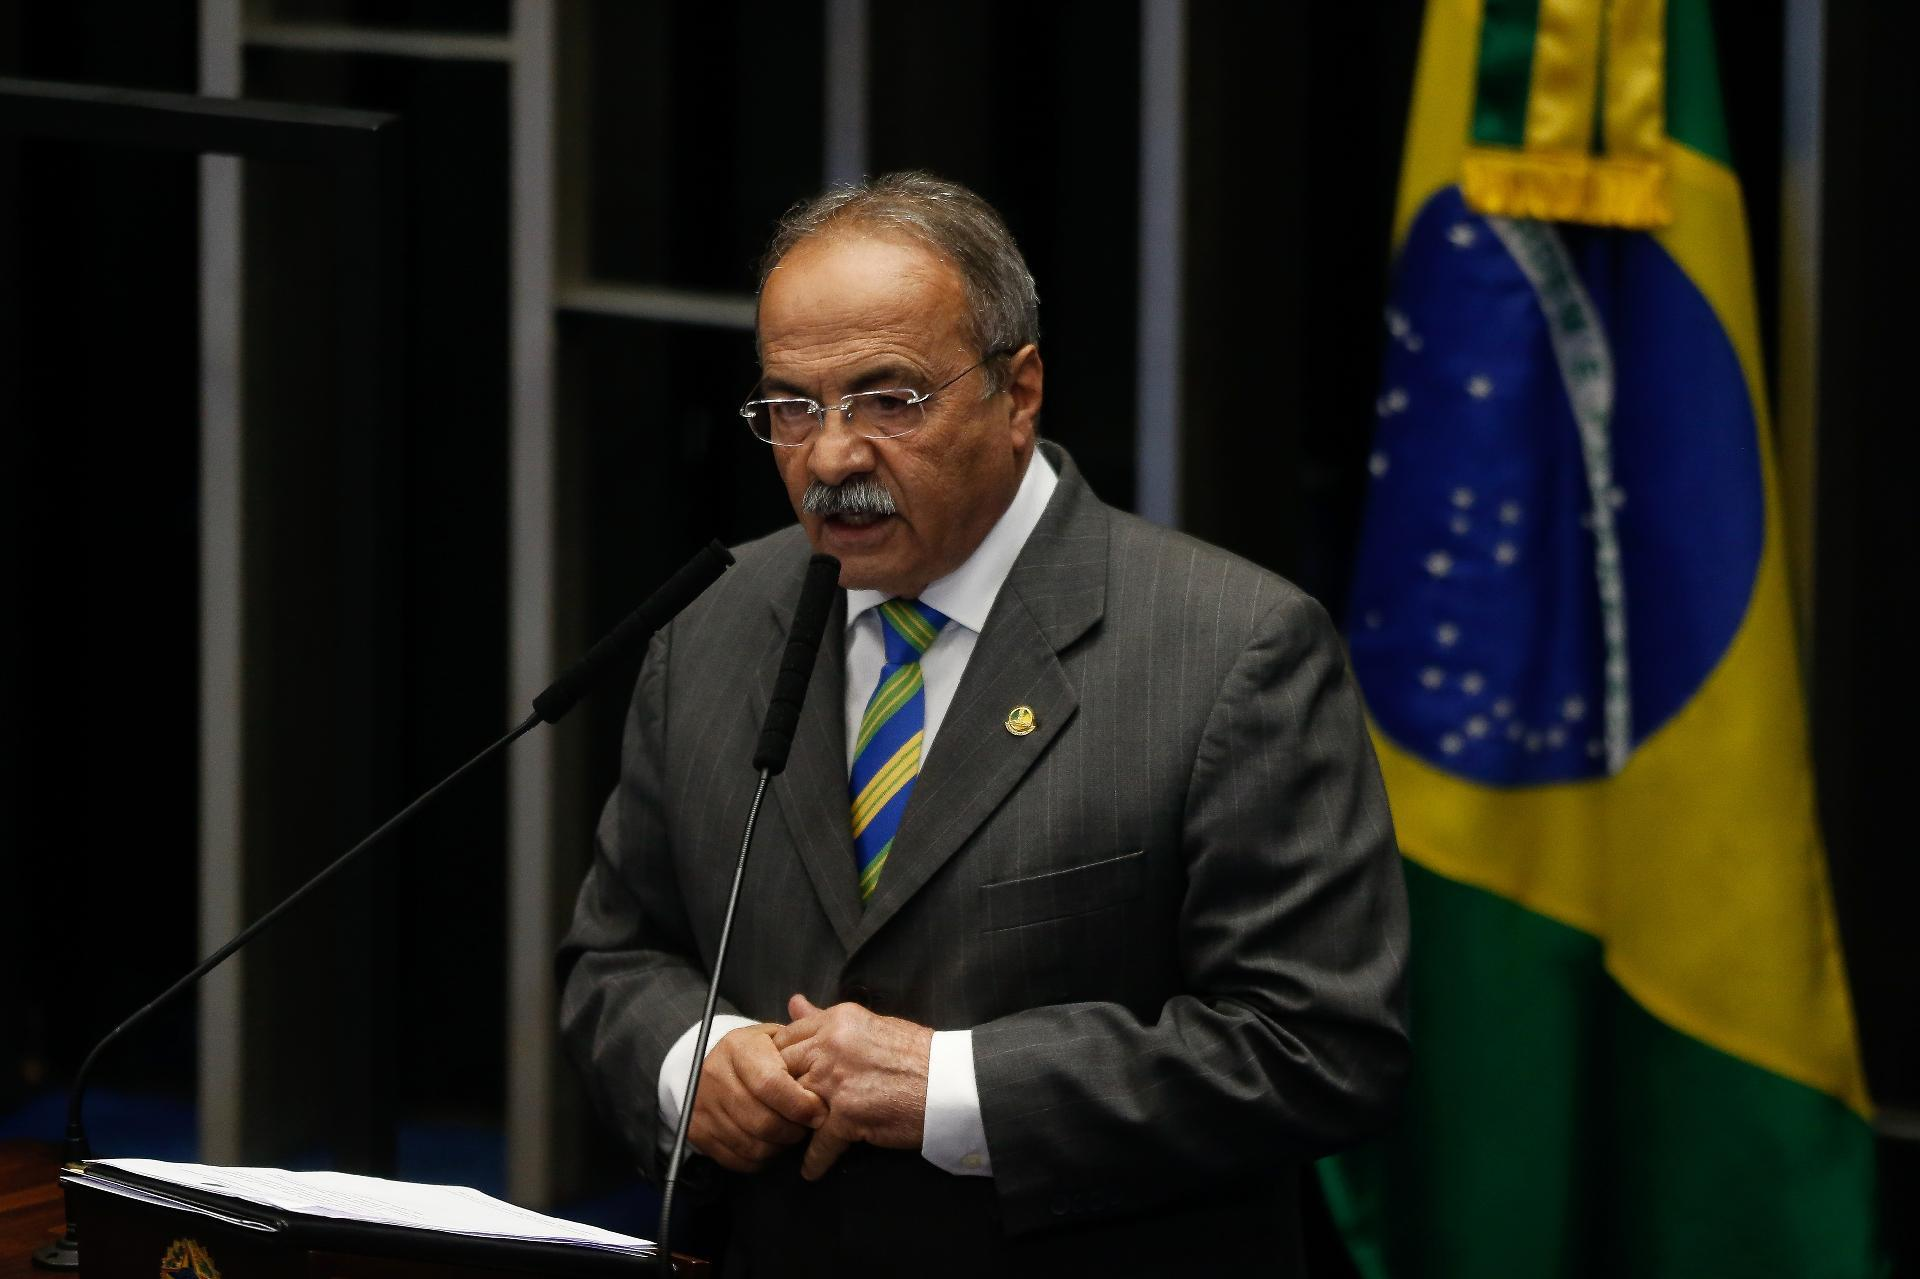 Senador Chico Rodrigues foi flagrado com dinheiro na cueca. Foto: reprodução